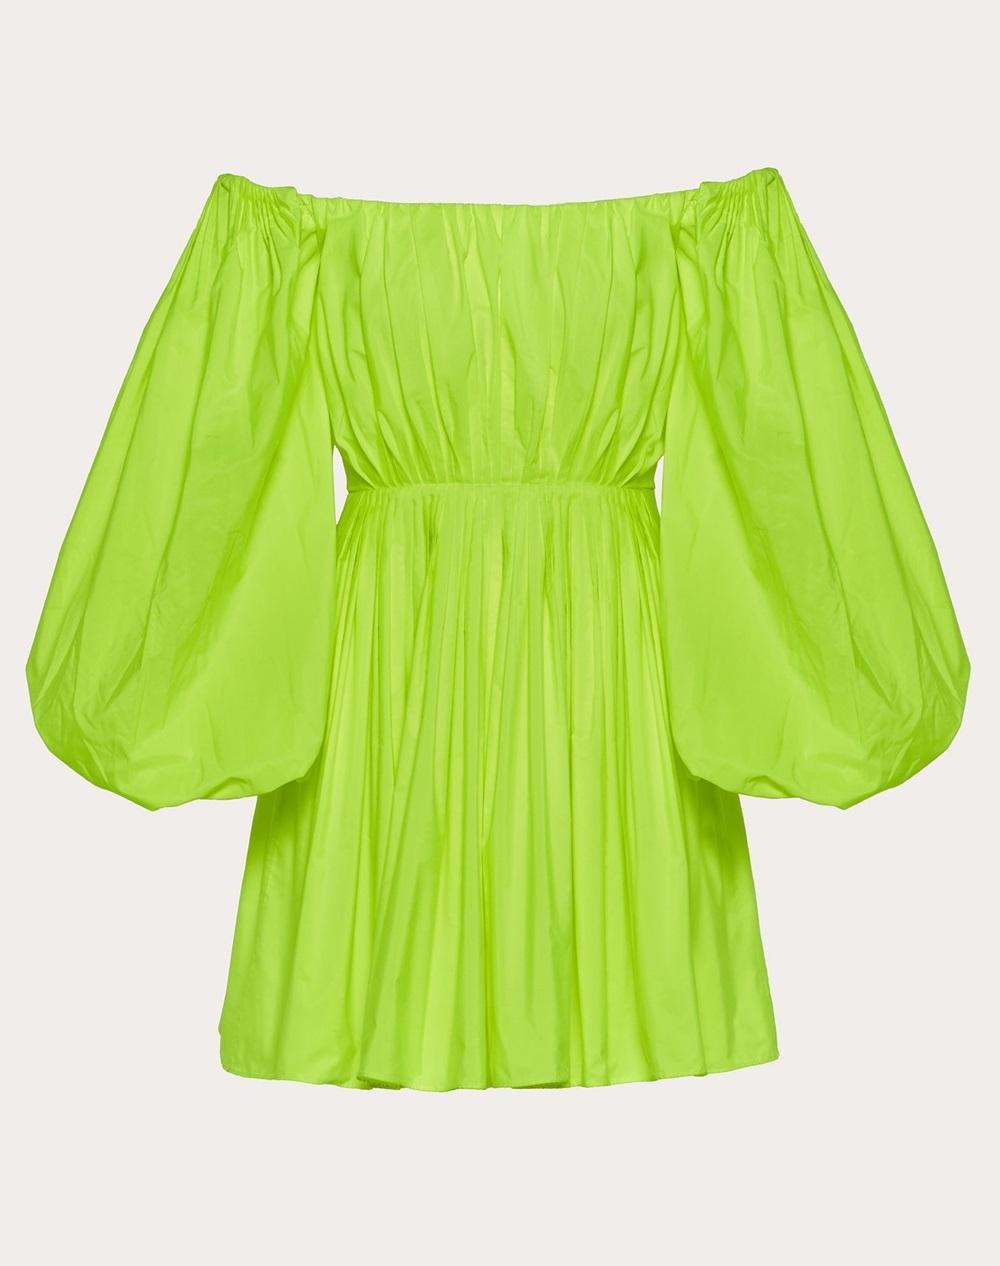 Các cô gái có thể chọn váy ngắn trễ vai xanh chuối của Valentino khi du lịch. Thiết kế có kiểu dáng hiện đại, tay phồng, bo eo và xếp ly toàn thân. Có thể kết hợp quần short jeans, short kaki trắng...